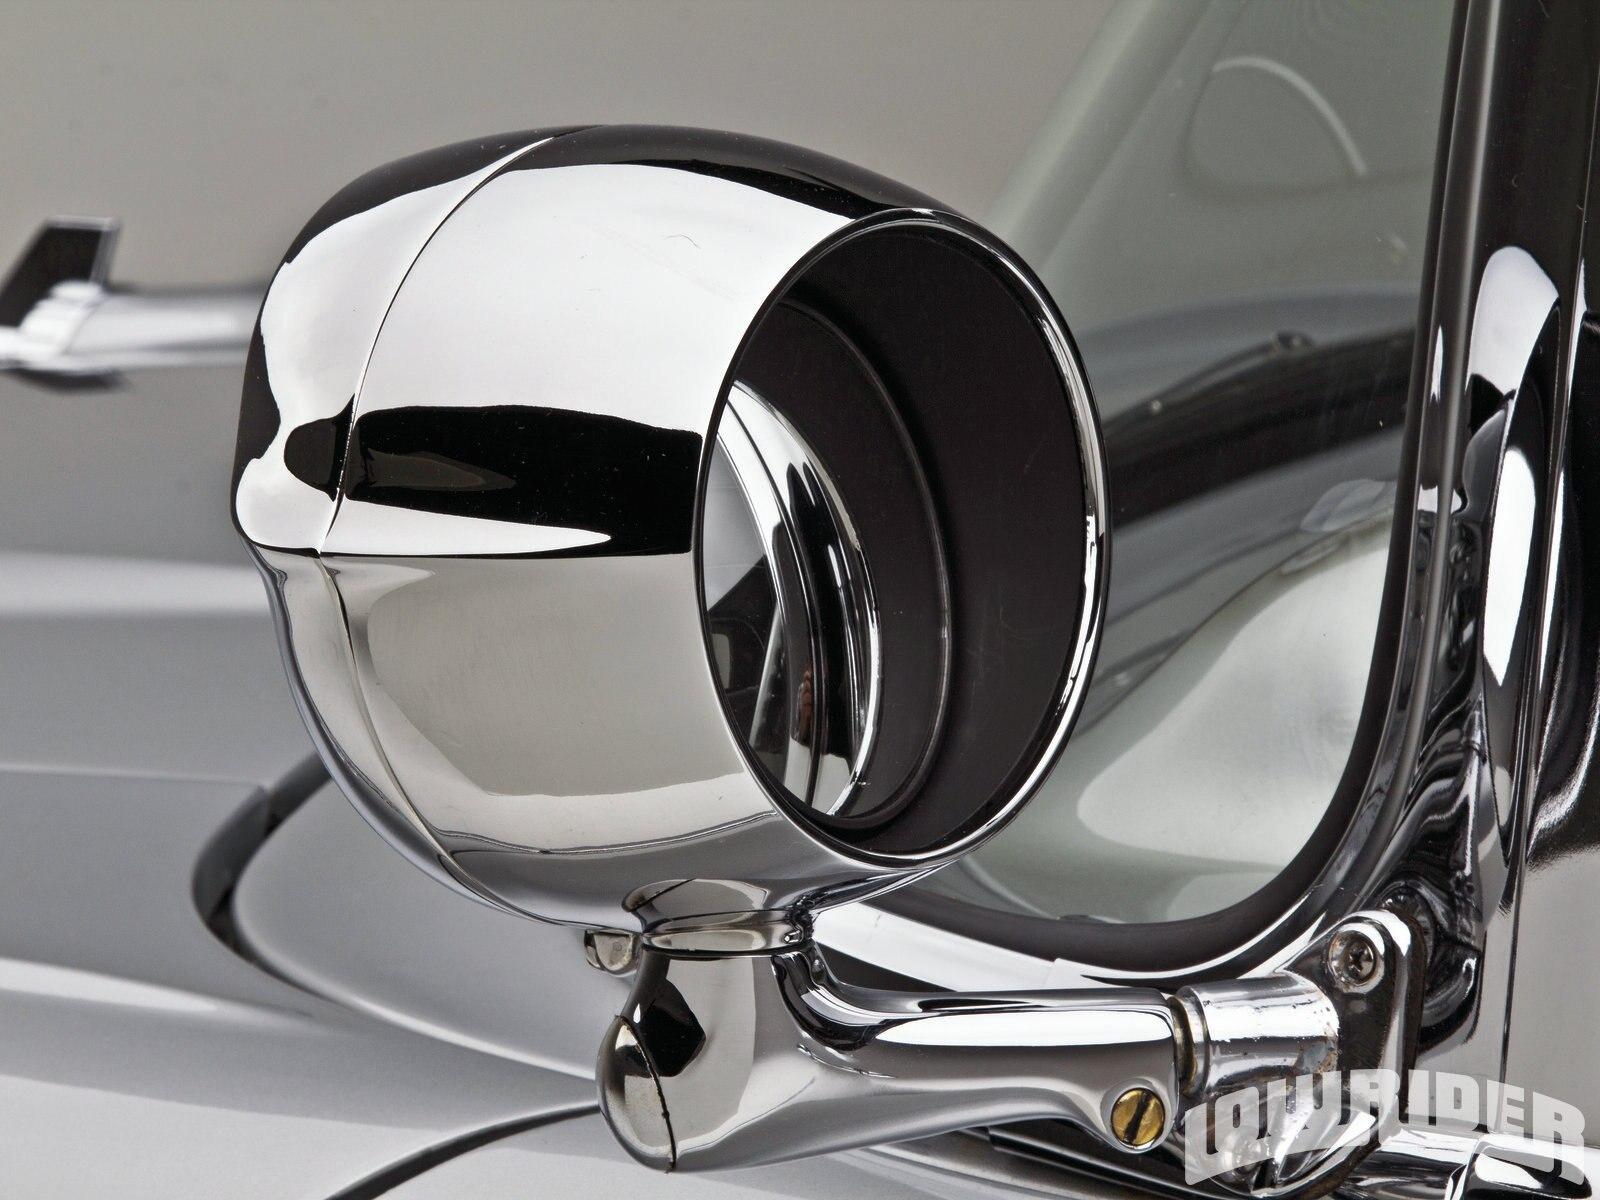 1957 air bel chevrolet lowrider side mirror magazine